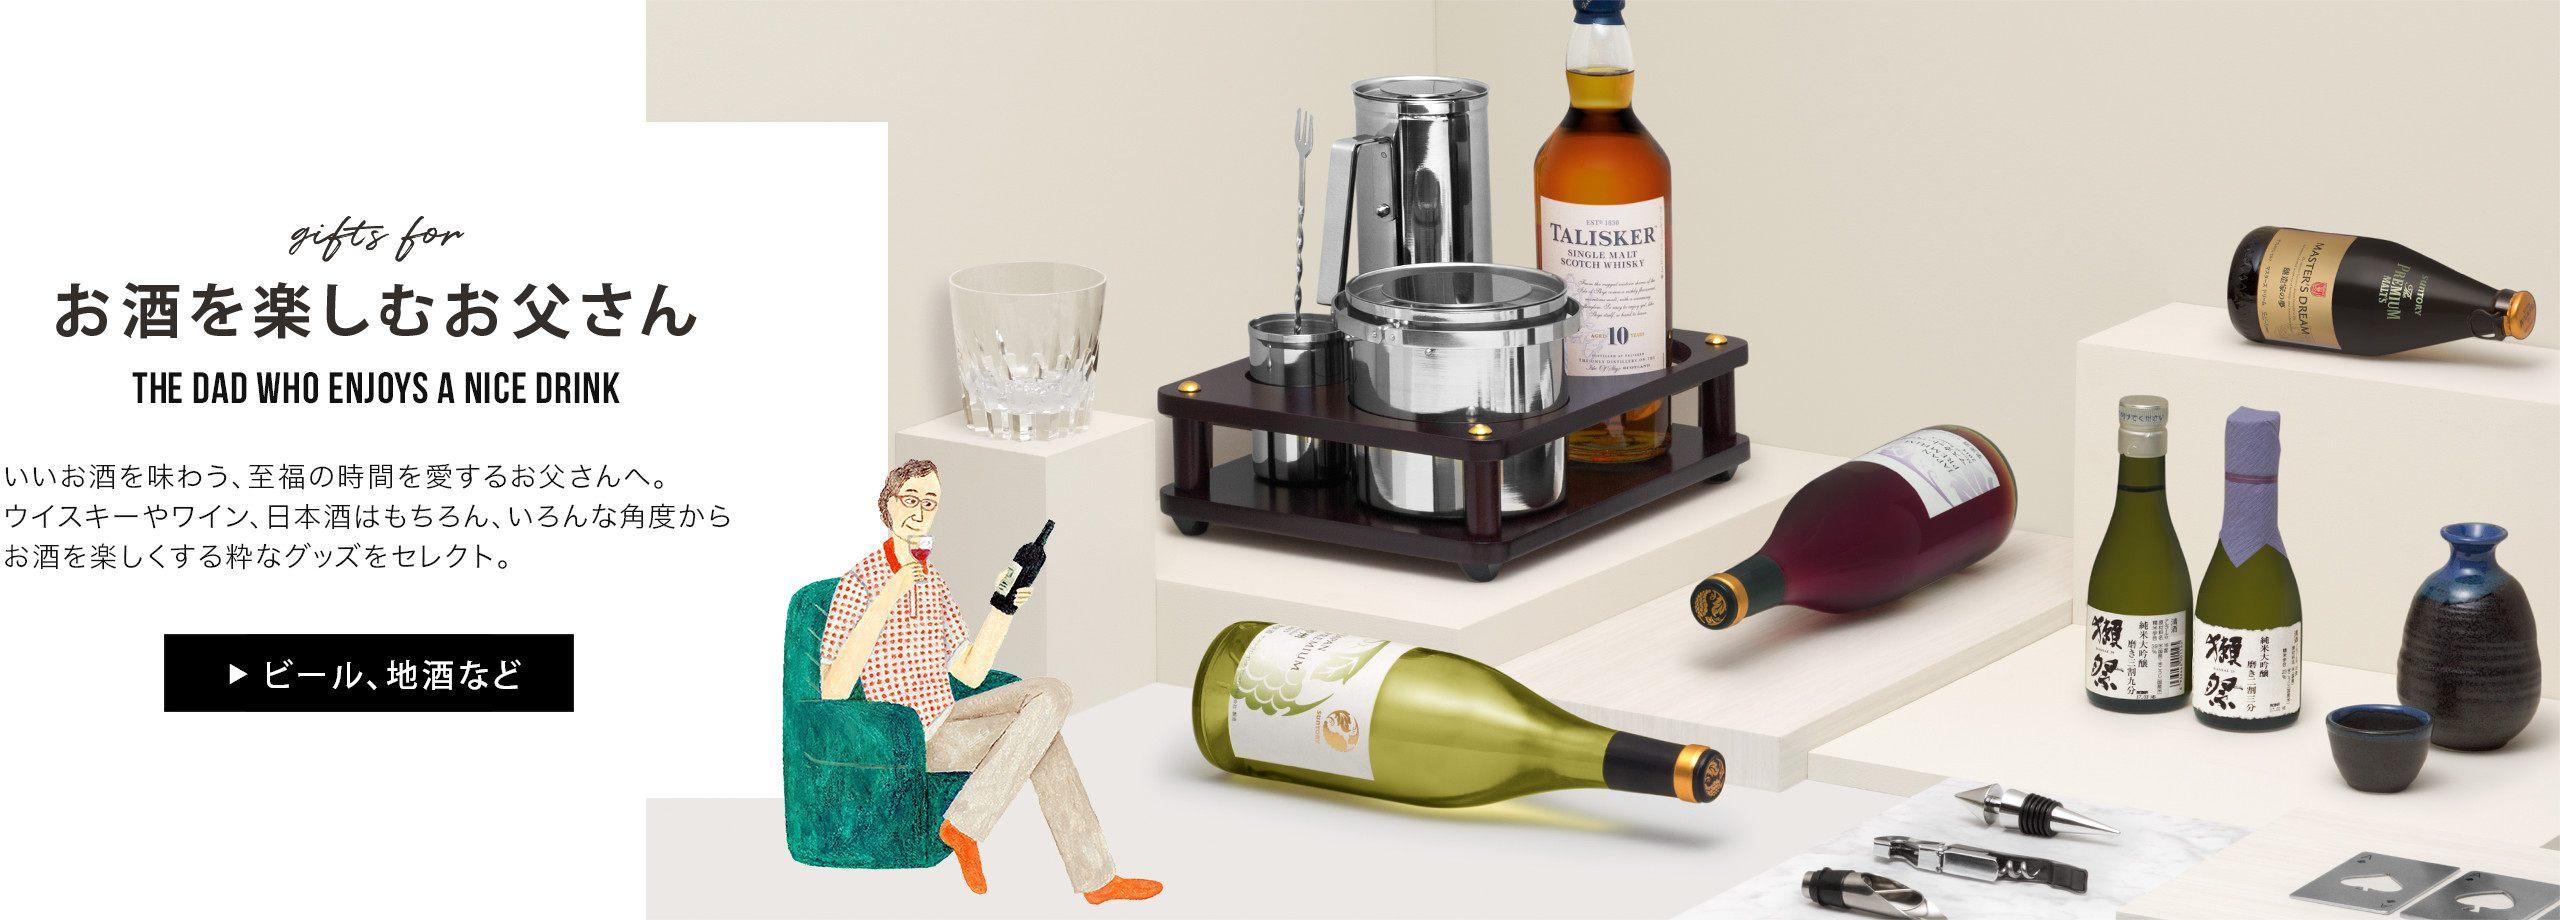 お酒を楽しむお父さんをチェック いいお酒を味わう、至福の時間を愛するお父さんへ。ウイスキーやワイン、日本酒はもちろん、いろんな角度からお酒を楽しくする粋なグッズをセレクト。